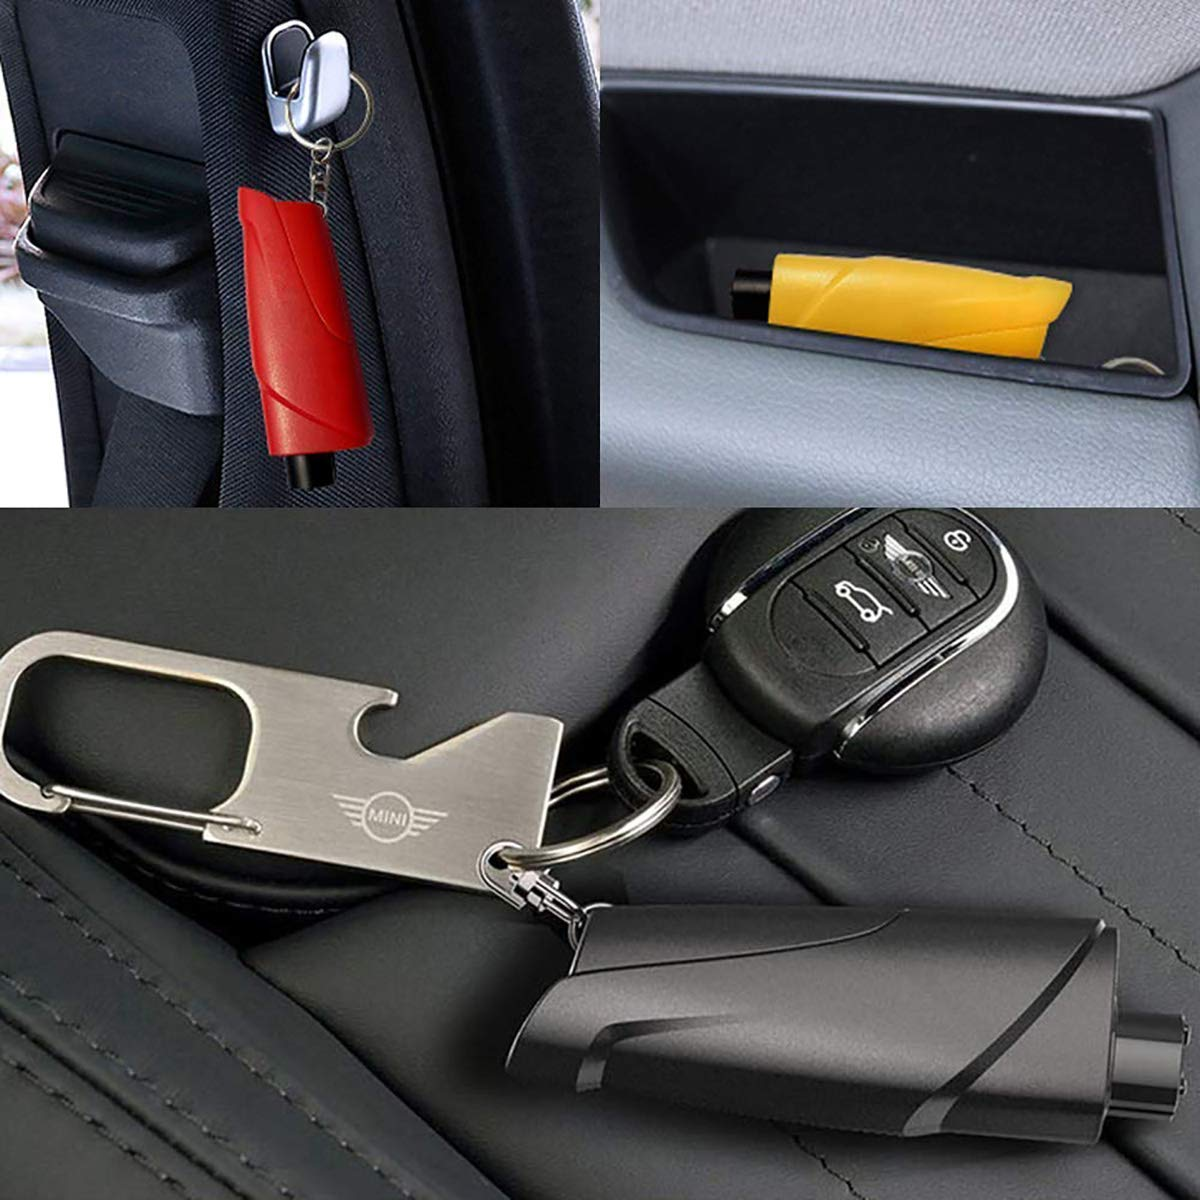 Martillo de Seguridad para Escapar del Coche Llavero 3 en 1 Herramientas de Ahorro de Vida para Vidrio de Ventana SZFREE Martillo de Emergencia Cortador de cintur/ón de Seguridad